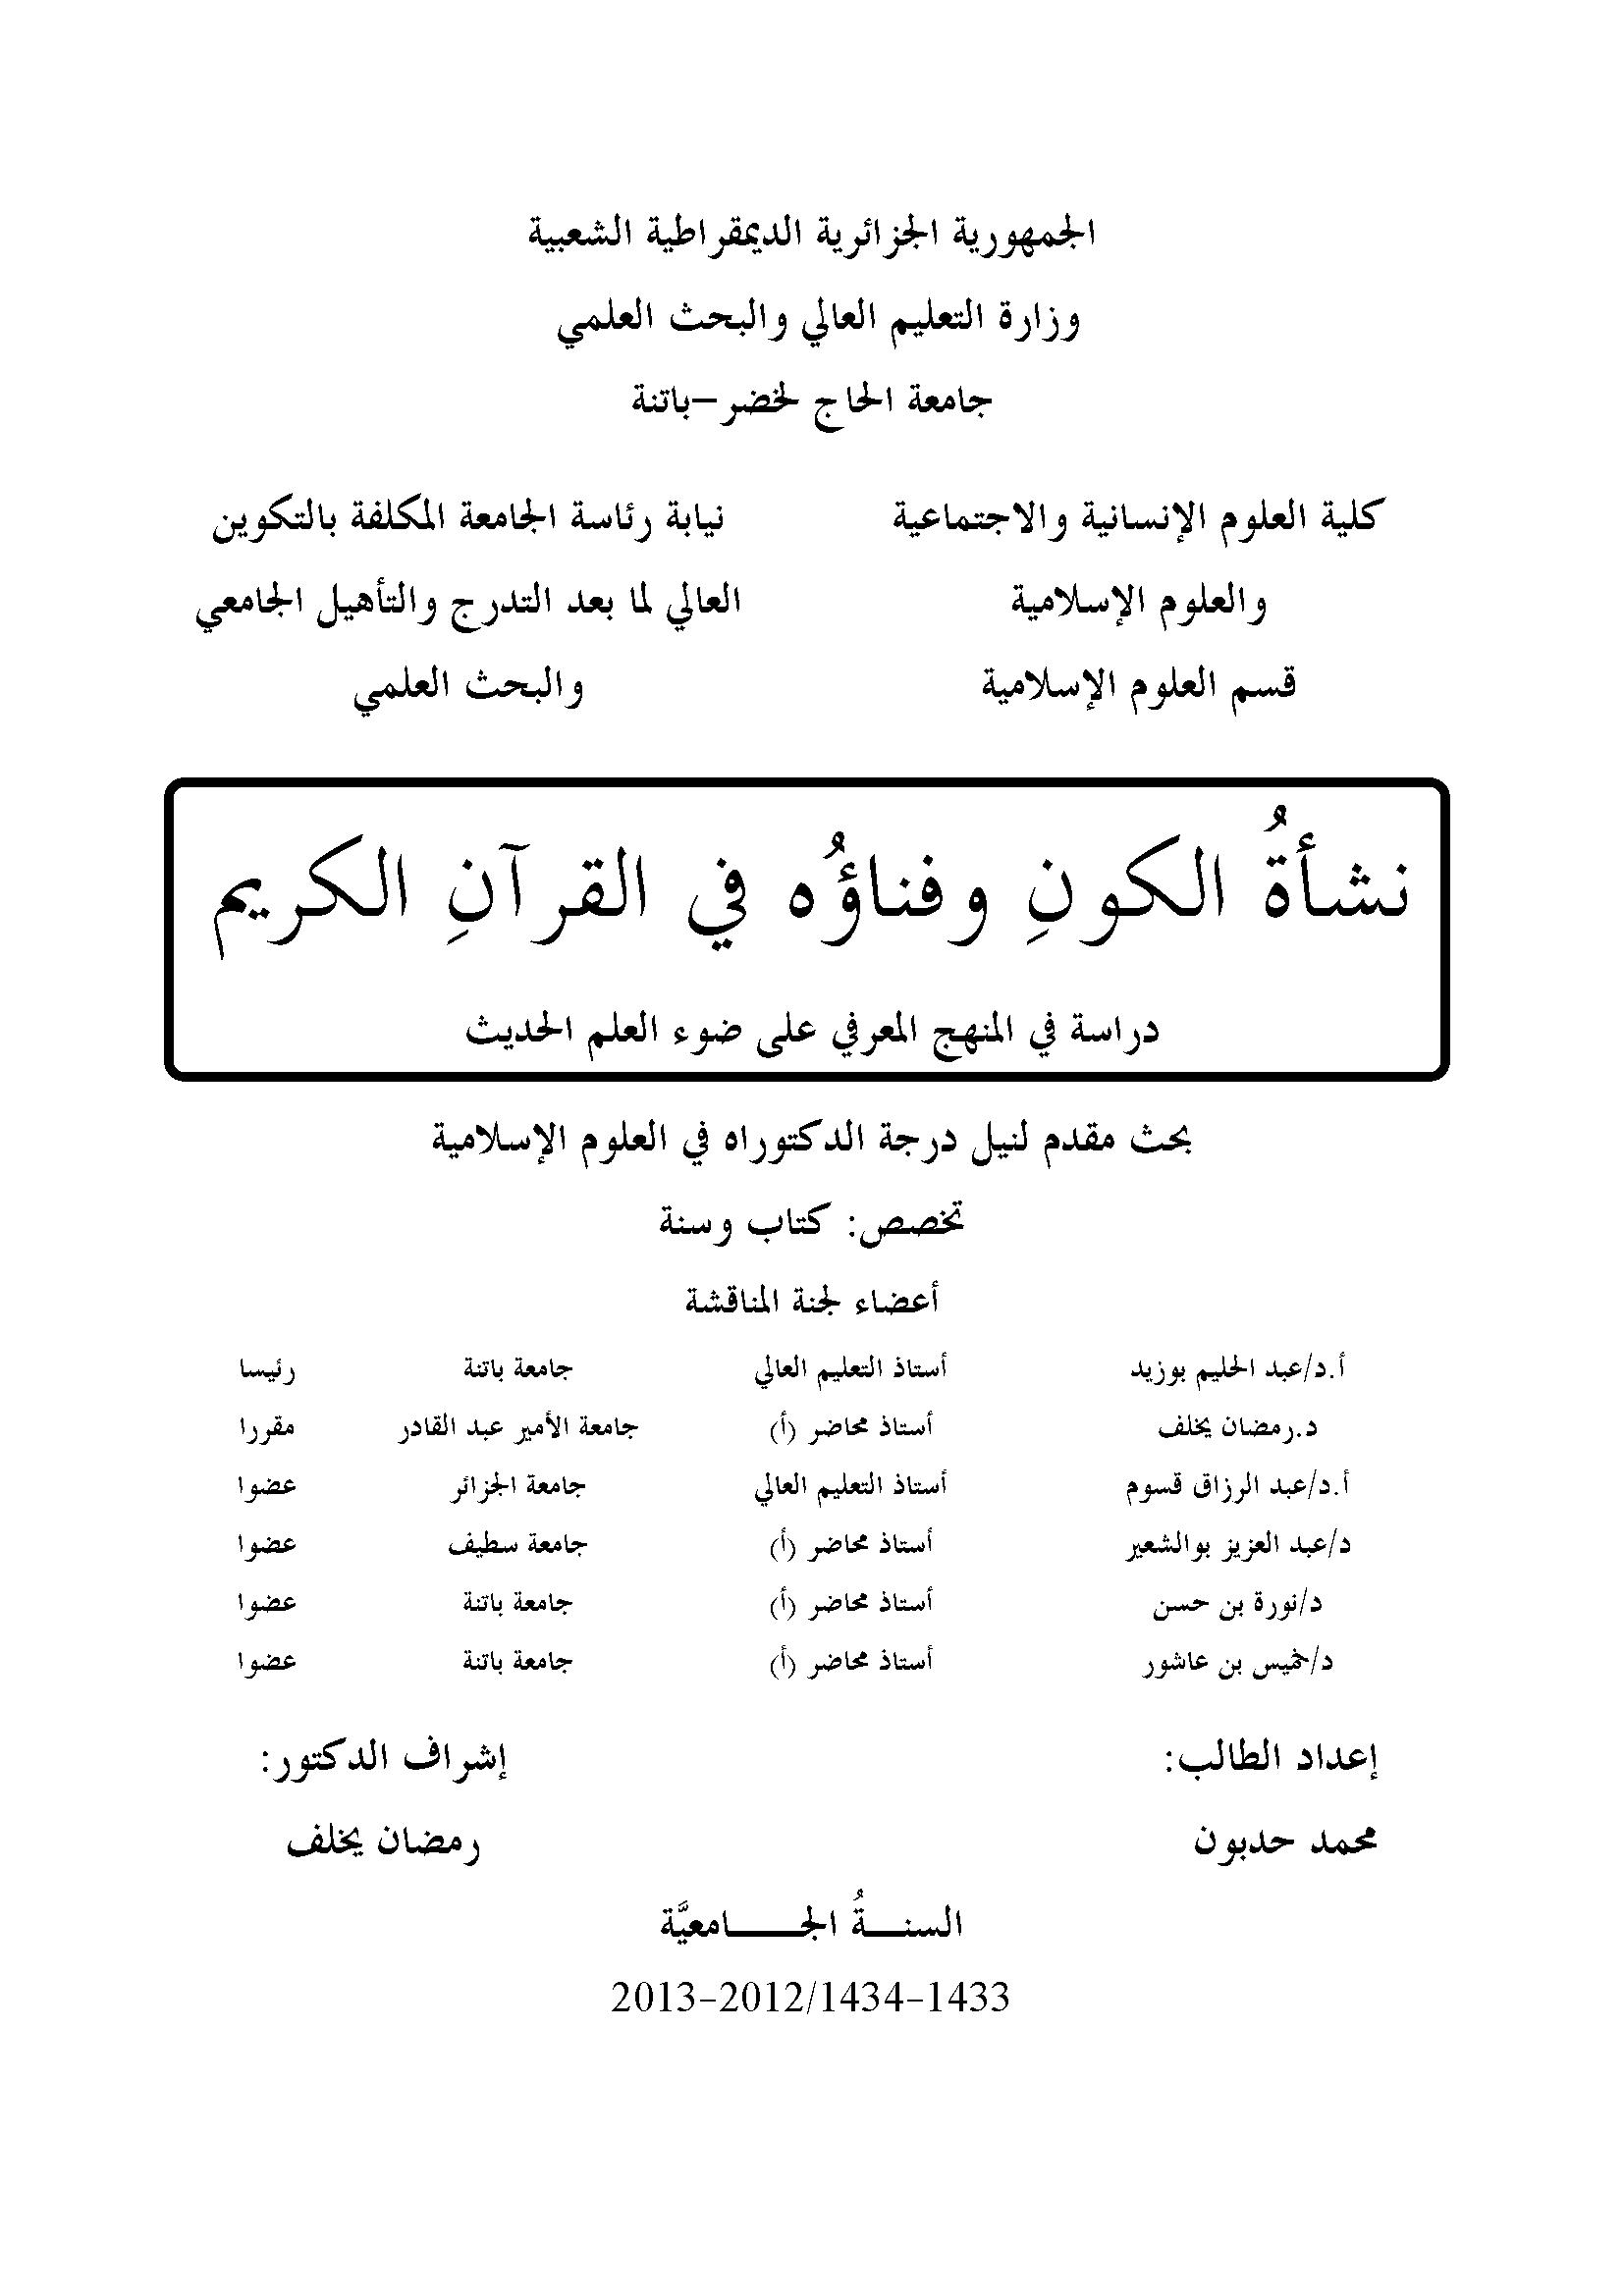 تحميل كتاب نشأة الكون وفناؤه في القرآن الكريم (دراسة في المنهج المعرفي على ضوء العلم الحديث) لـِ: محمد حدبون